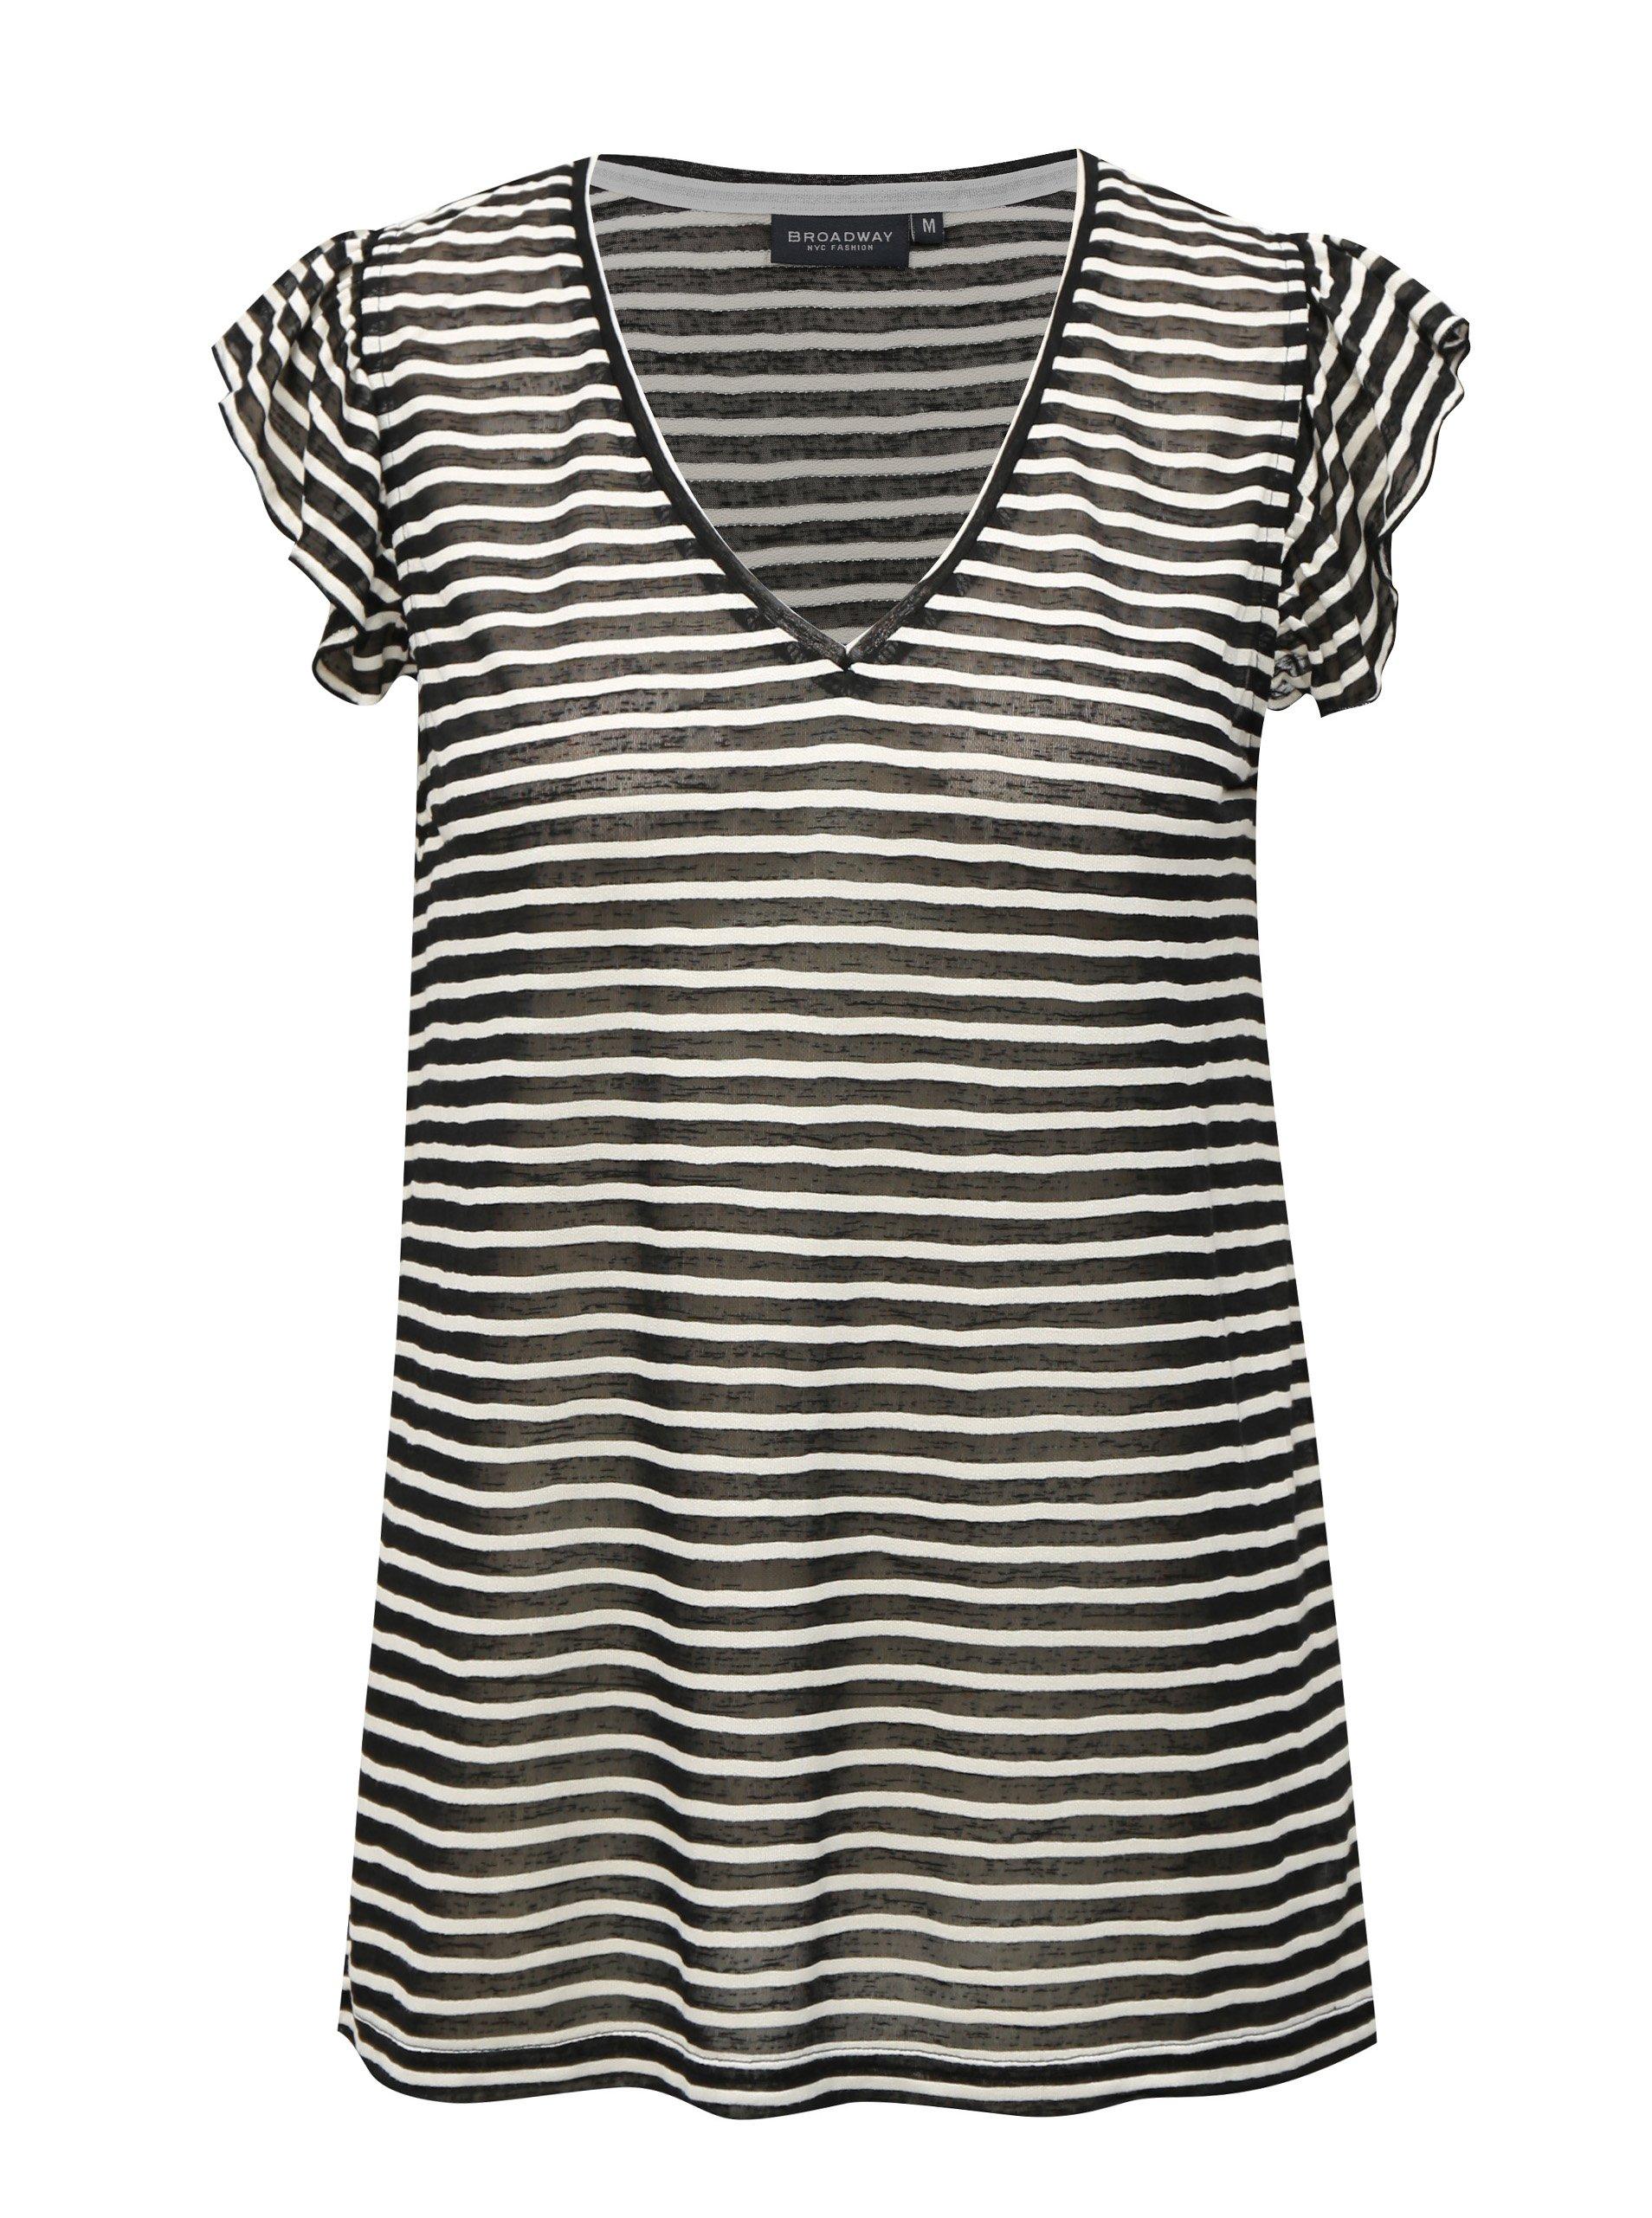 Fotografie Bílo-černé pruhované dámské tričko Broadway Felicie